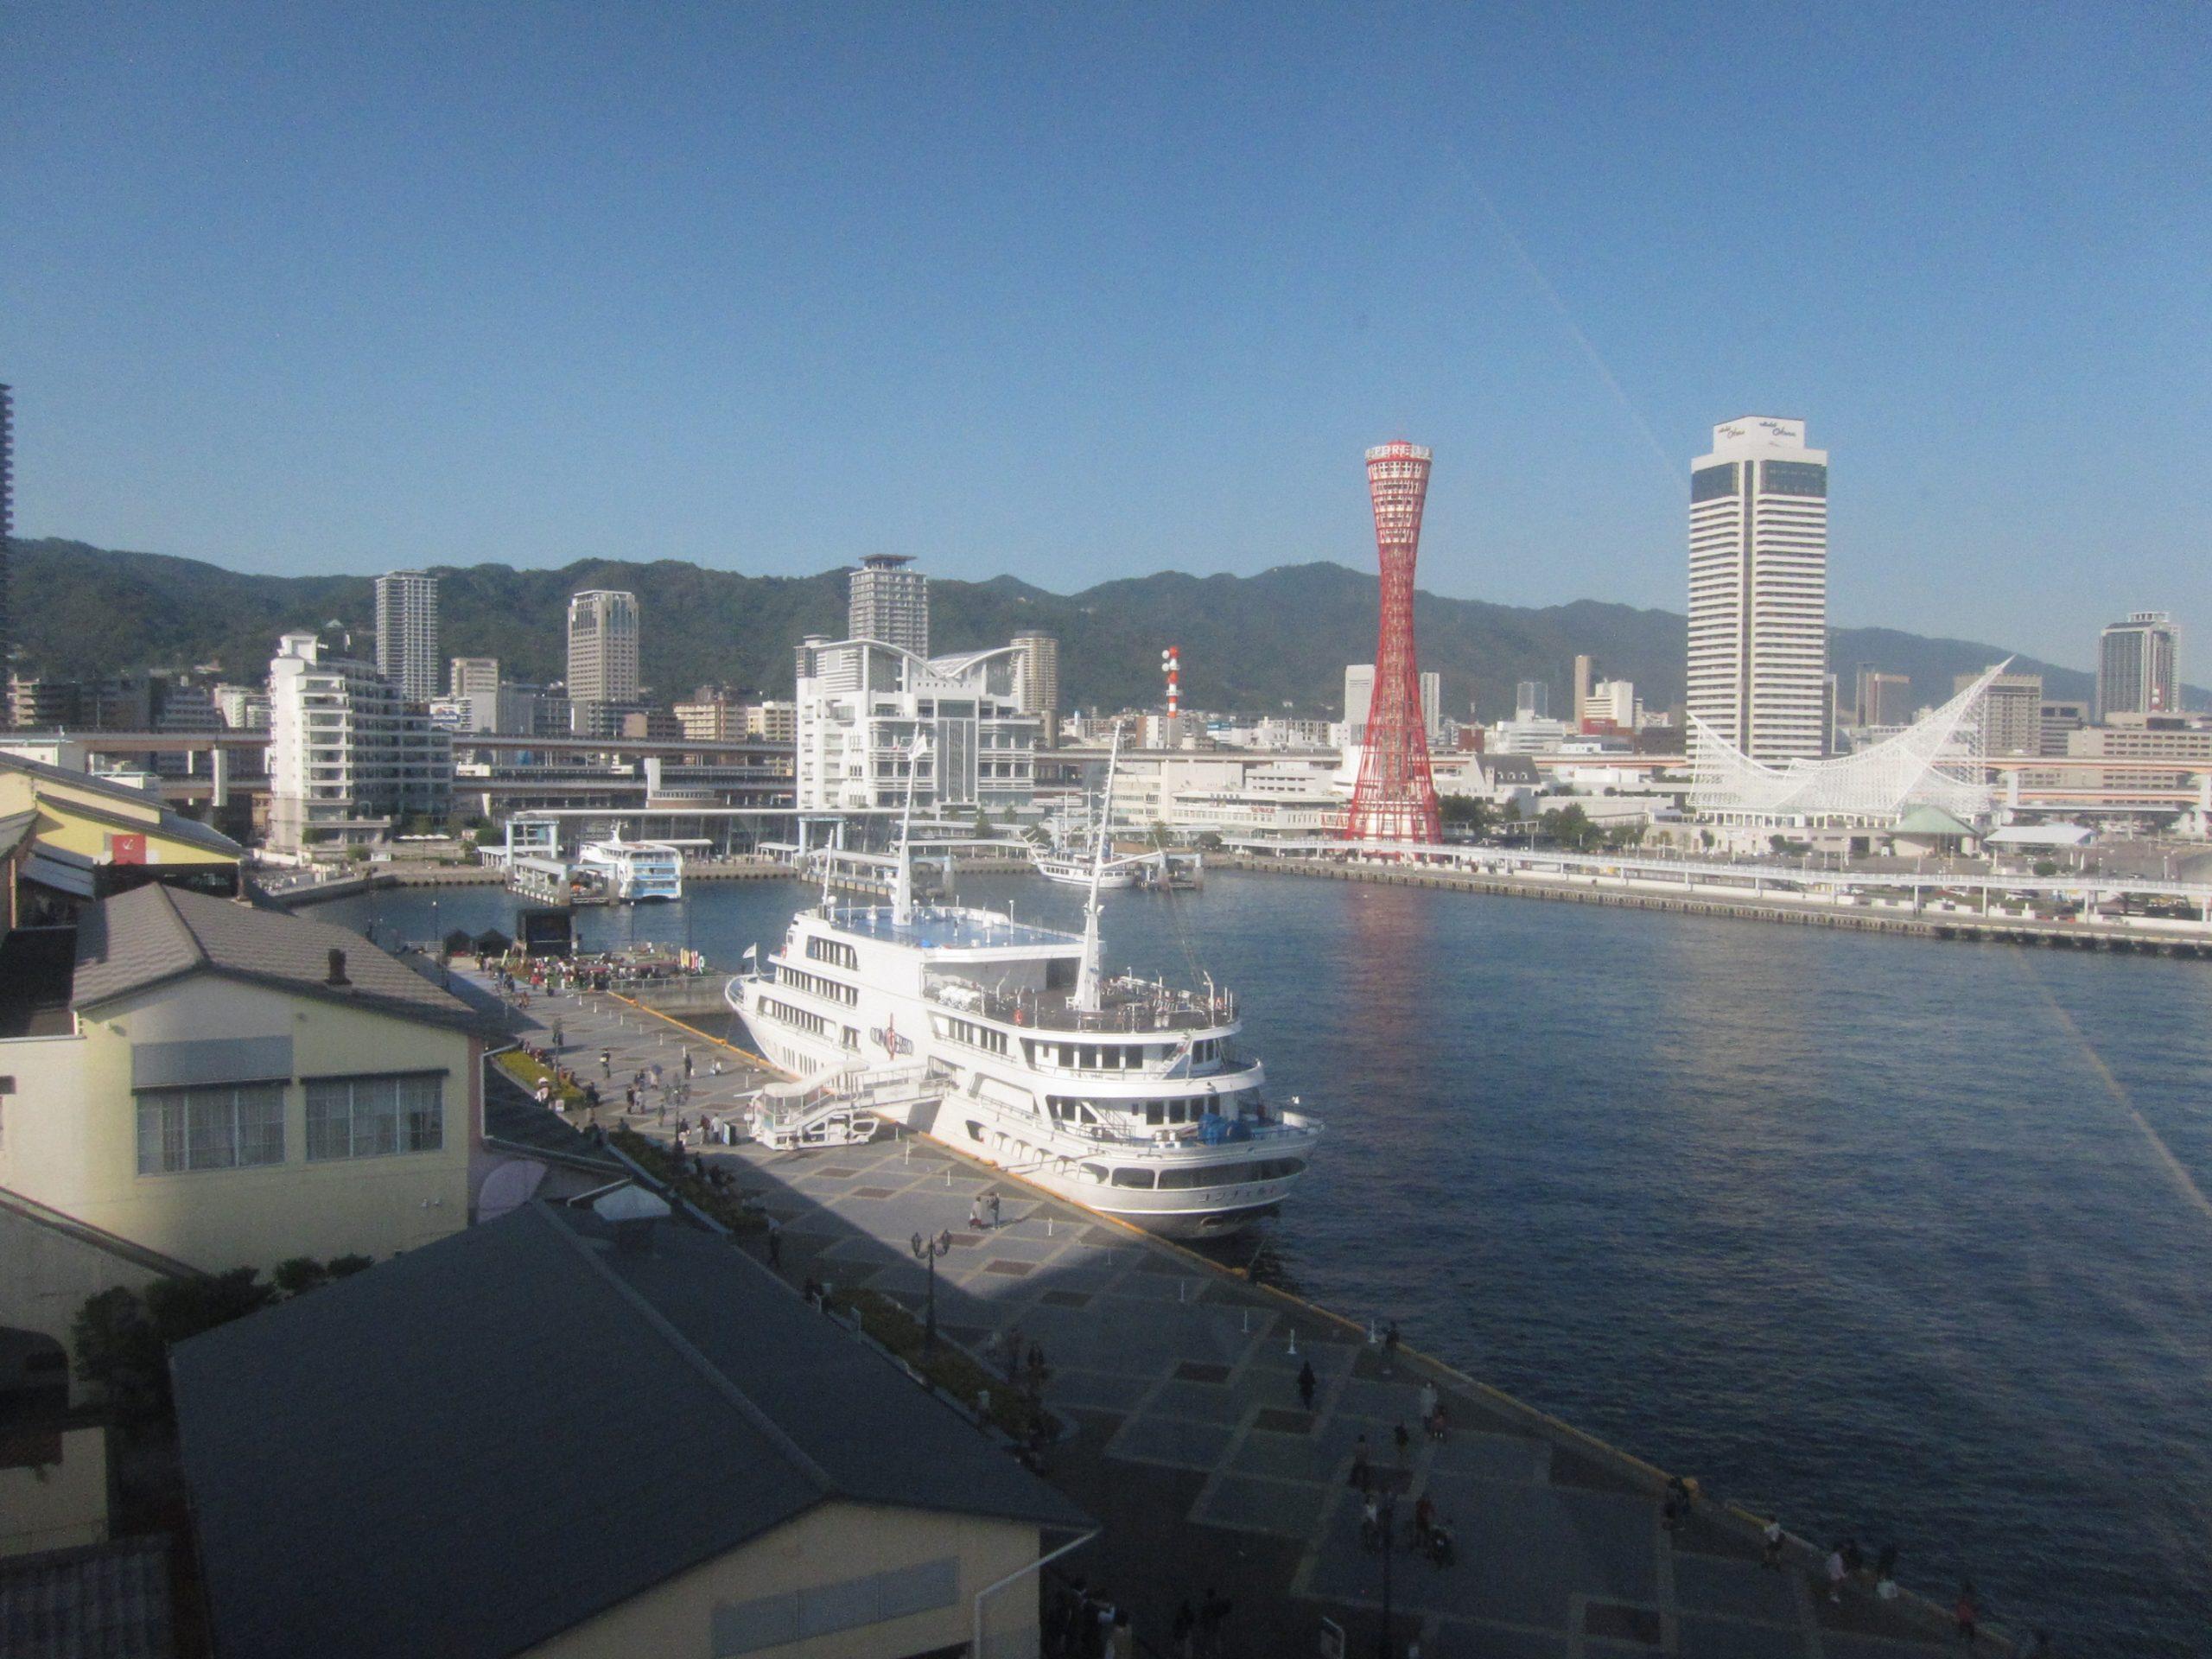 兵庫県神戸市ハーバーランドから神戸ポートタワーを望む